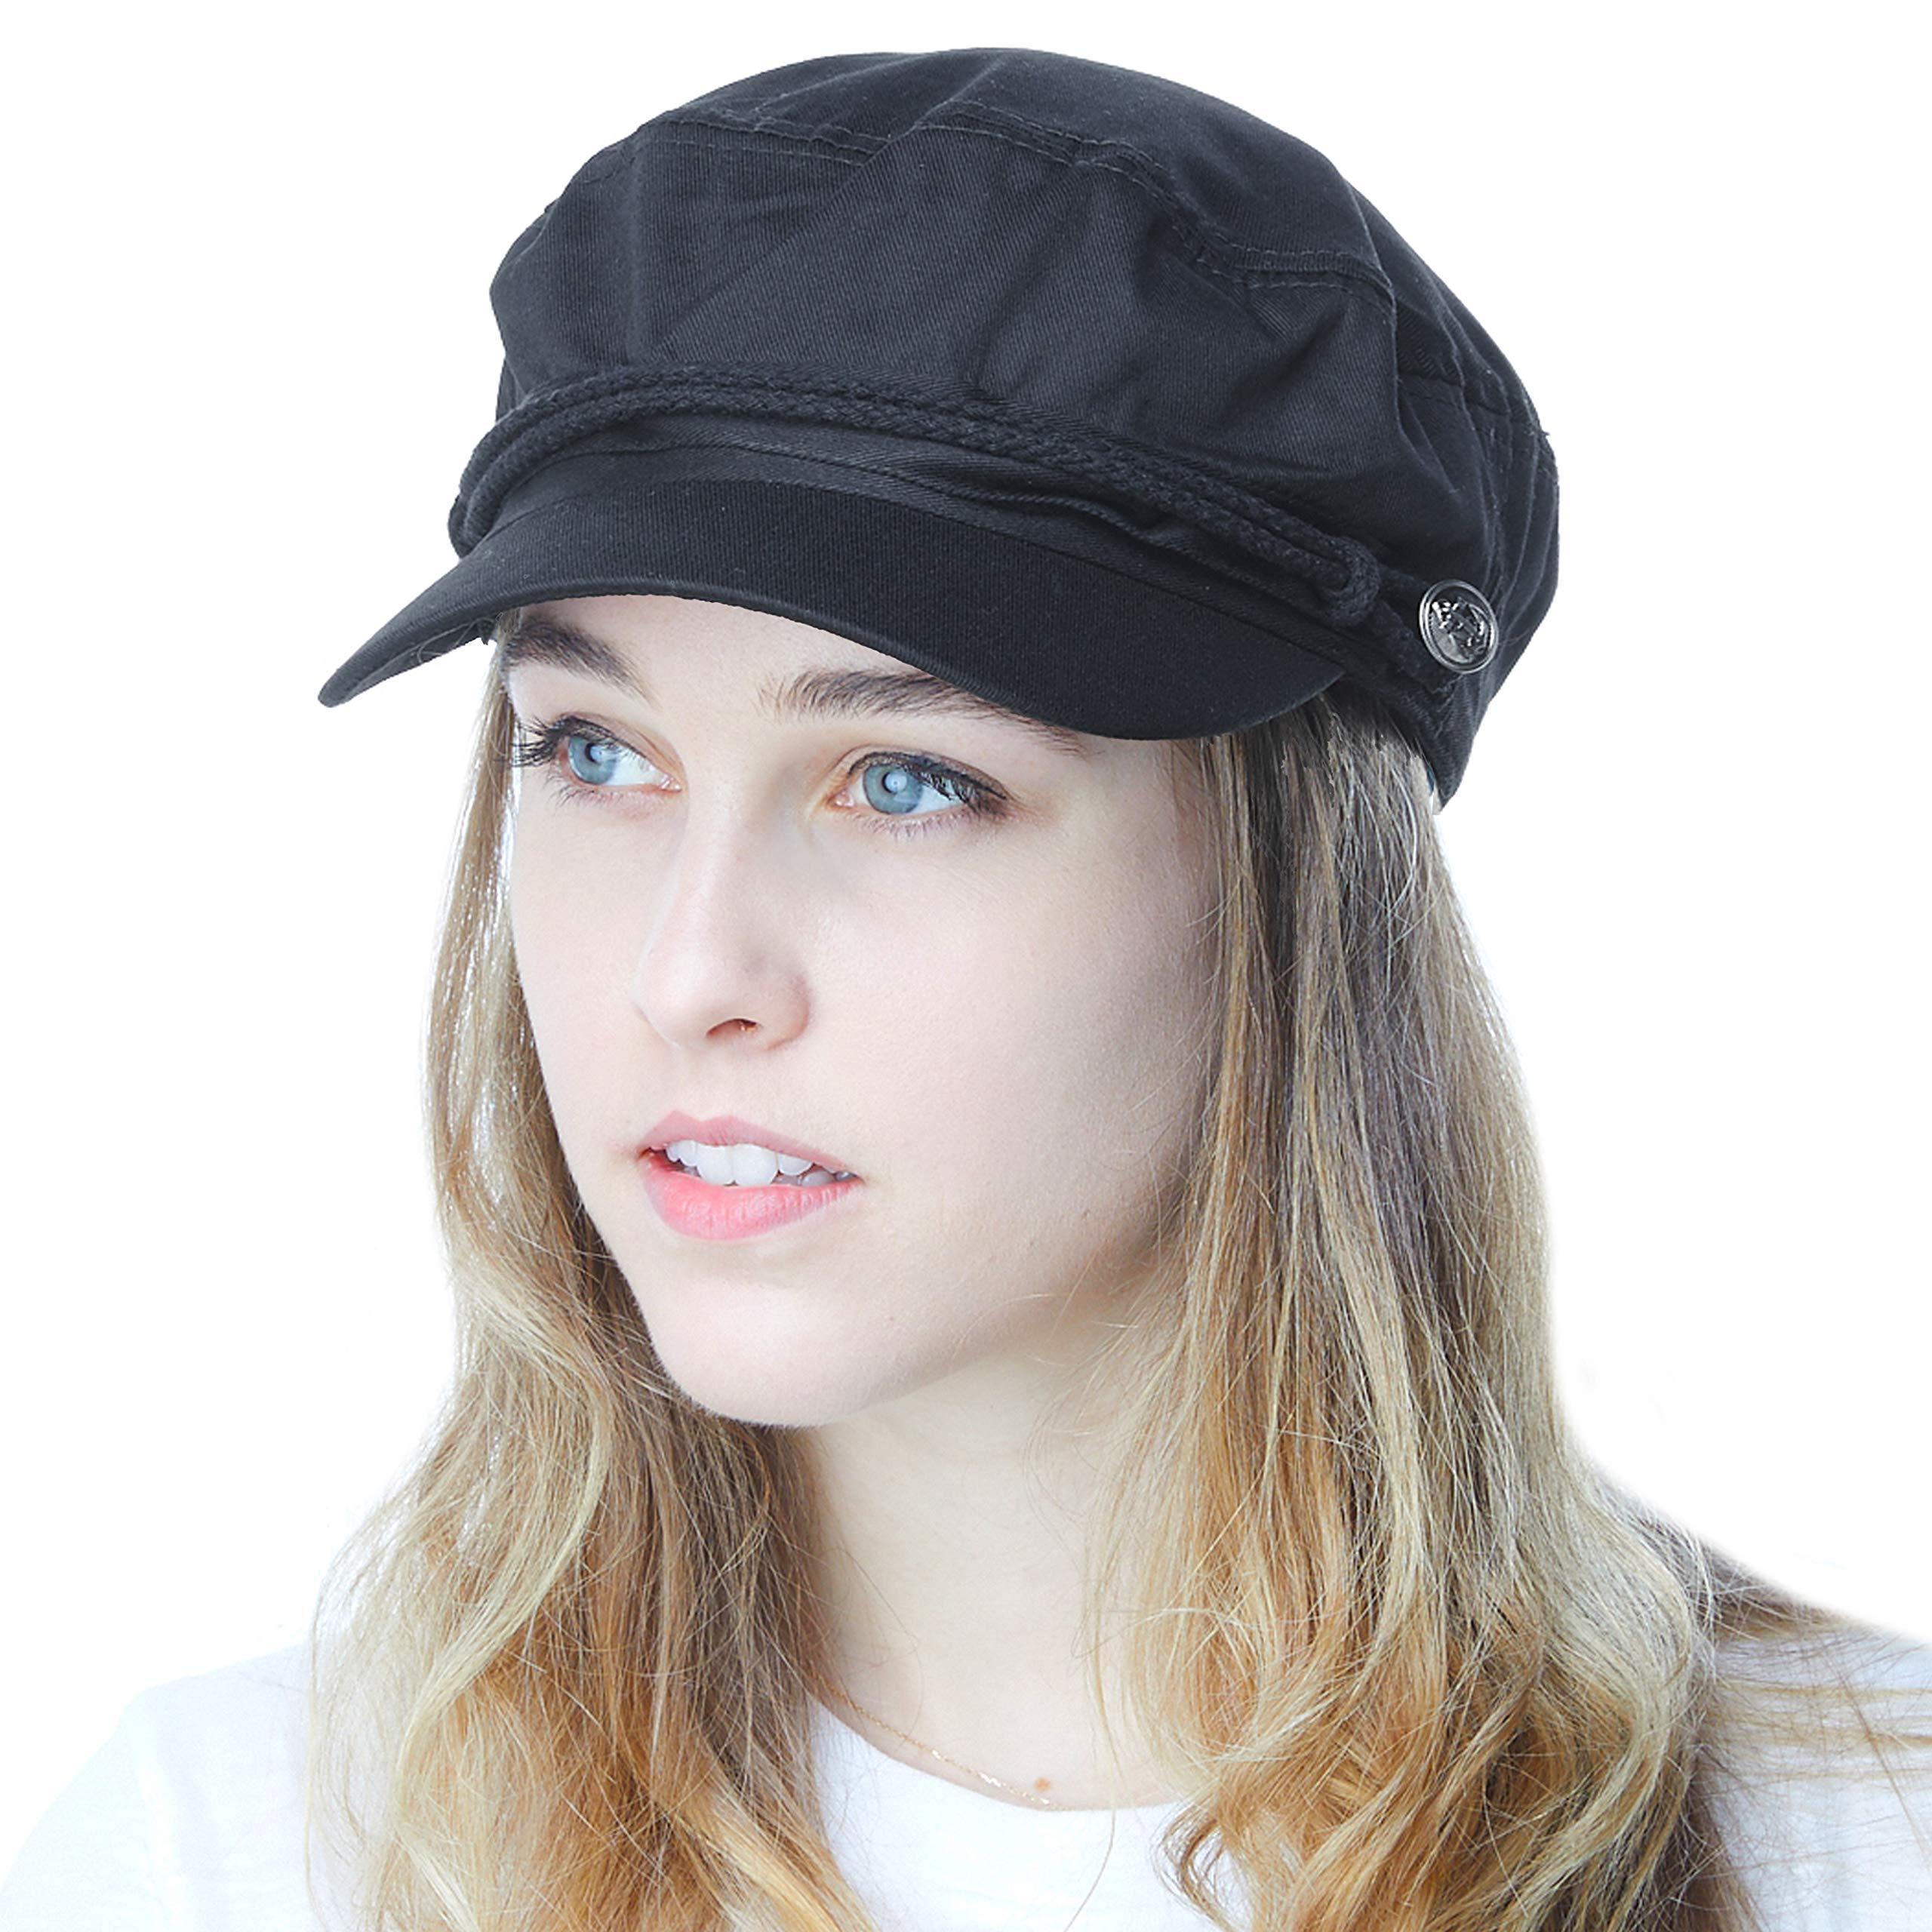 fd509a5c1e22a THE HAT DEPOT Black Horn Unisex Cotton Greek Fisherman s Cap (L XL ...